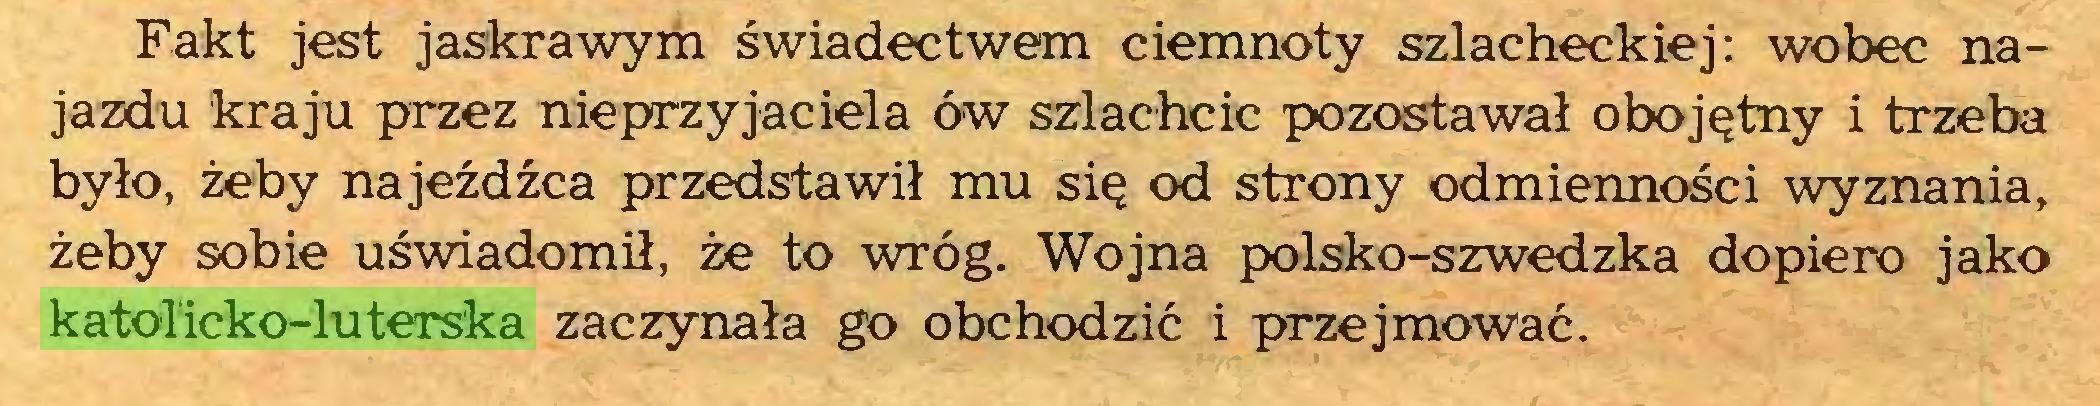 (...) Fakt jest jaskrawym świadectwem ciemnoty szlacheckiej: wobec najazdu kraju przez nieprzyjaciela ów szlachcic pozostawał obojętny i trzeba było, żeby najeźdźca przedstawił mu się od strony odmienności wyznania, żeby sobie uświadomił, że to wróg. Wojna polsko-szwedzka dopiero jako katolicko-luterska zaczynała go obchodzić i przejmować...